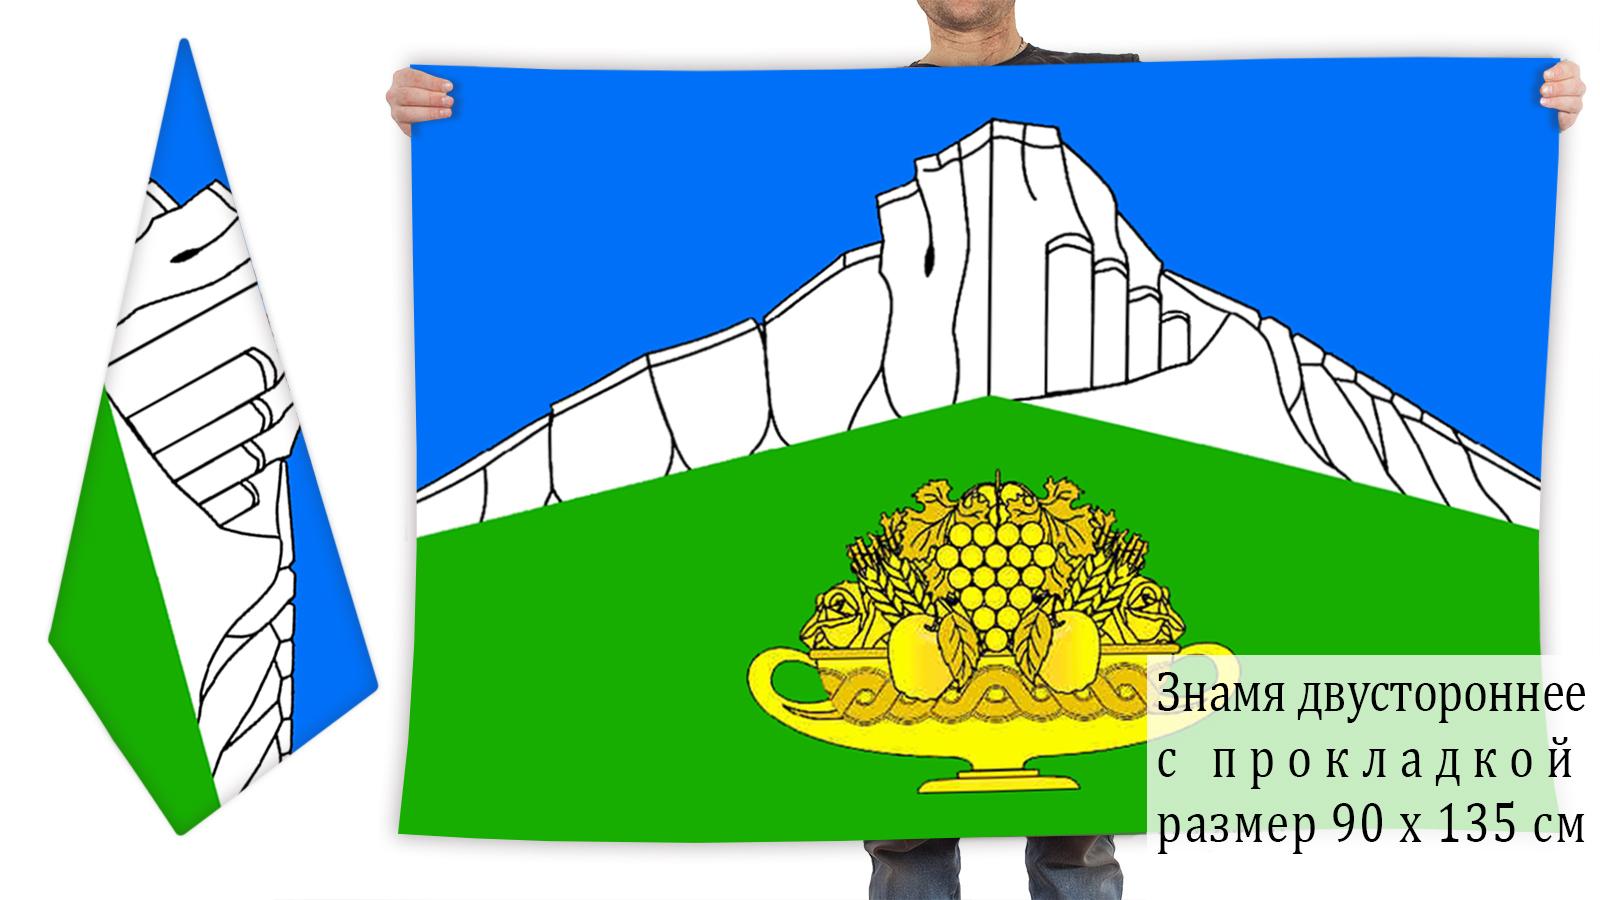 Двухсторонний флаг Белогорского района